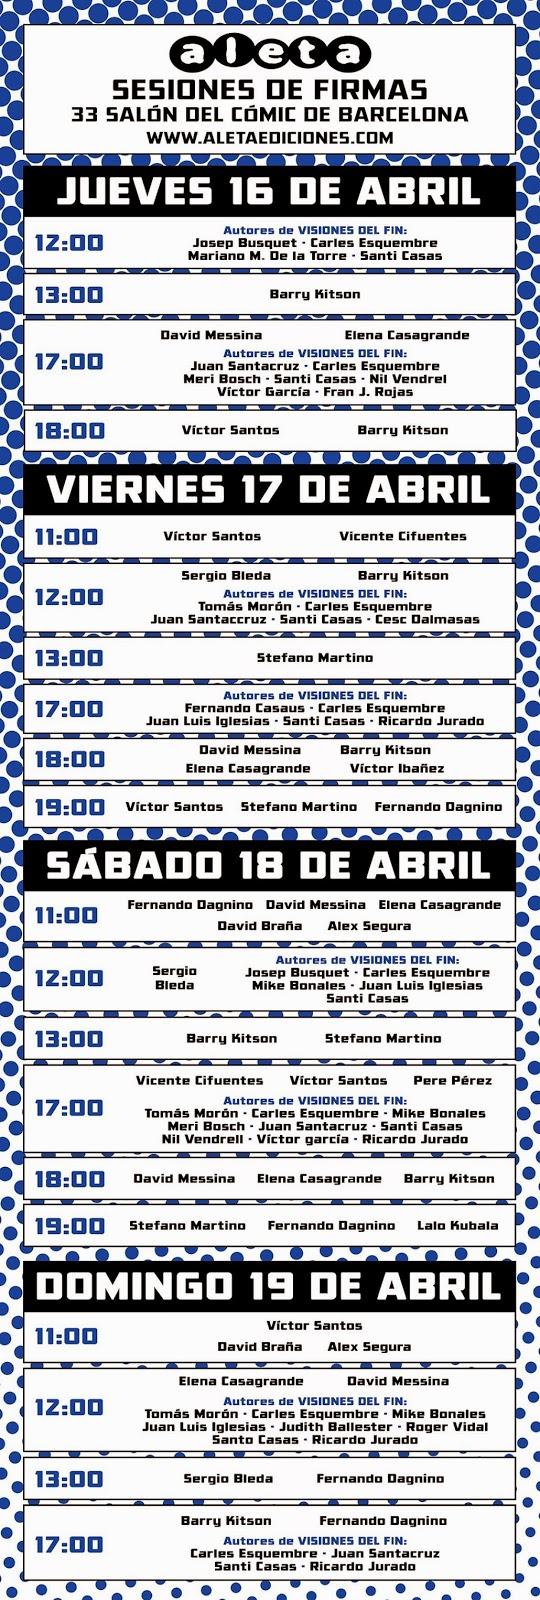 Aleta sesiones de firmas Barcelona 2015